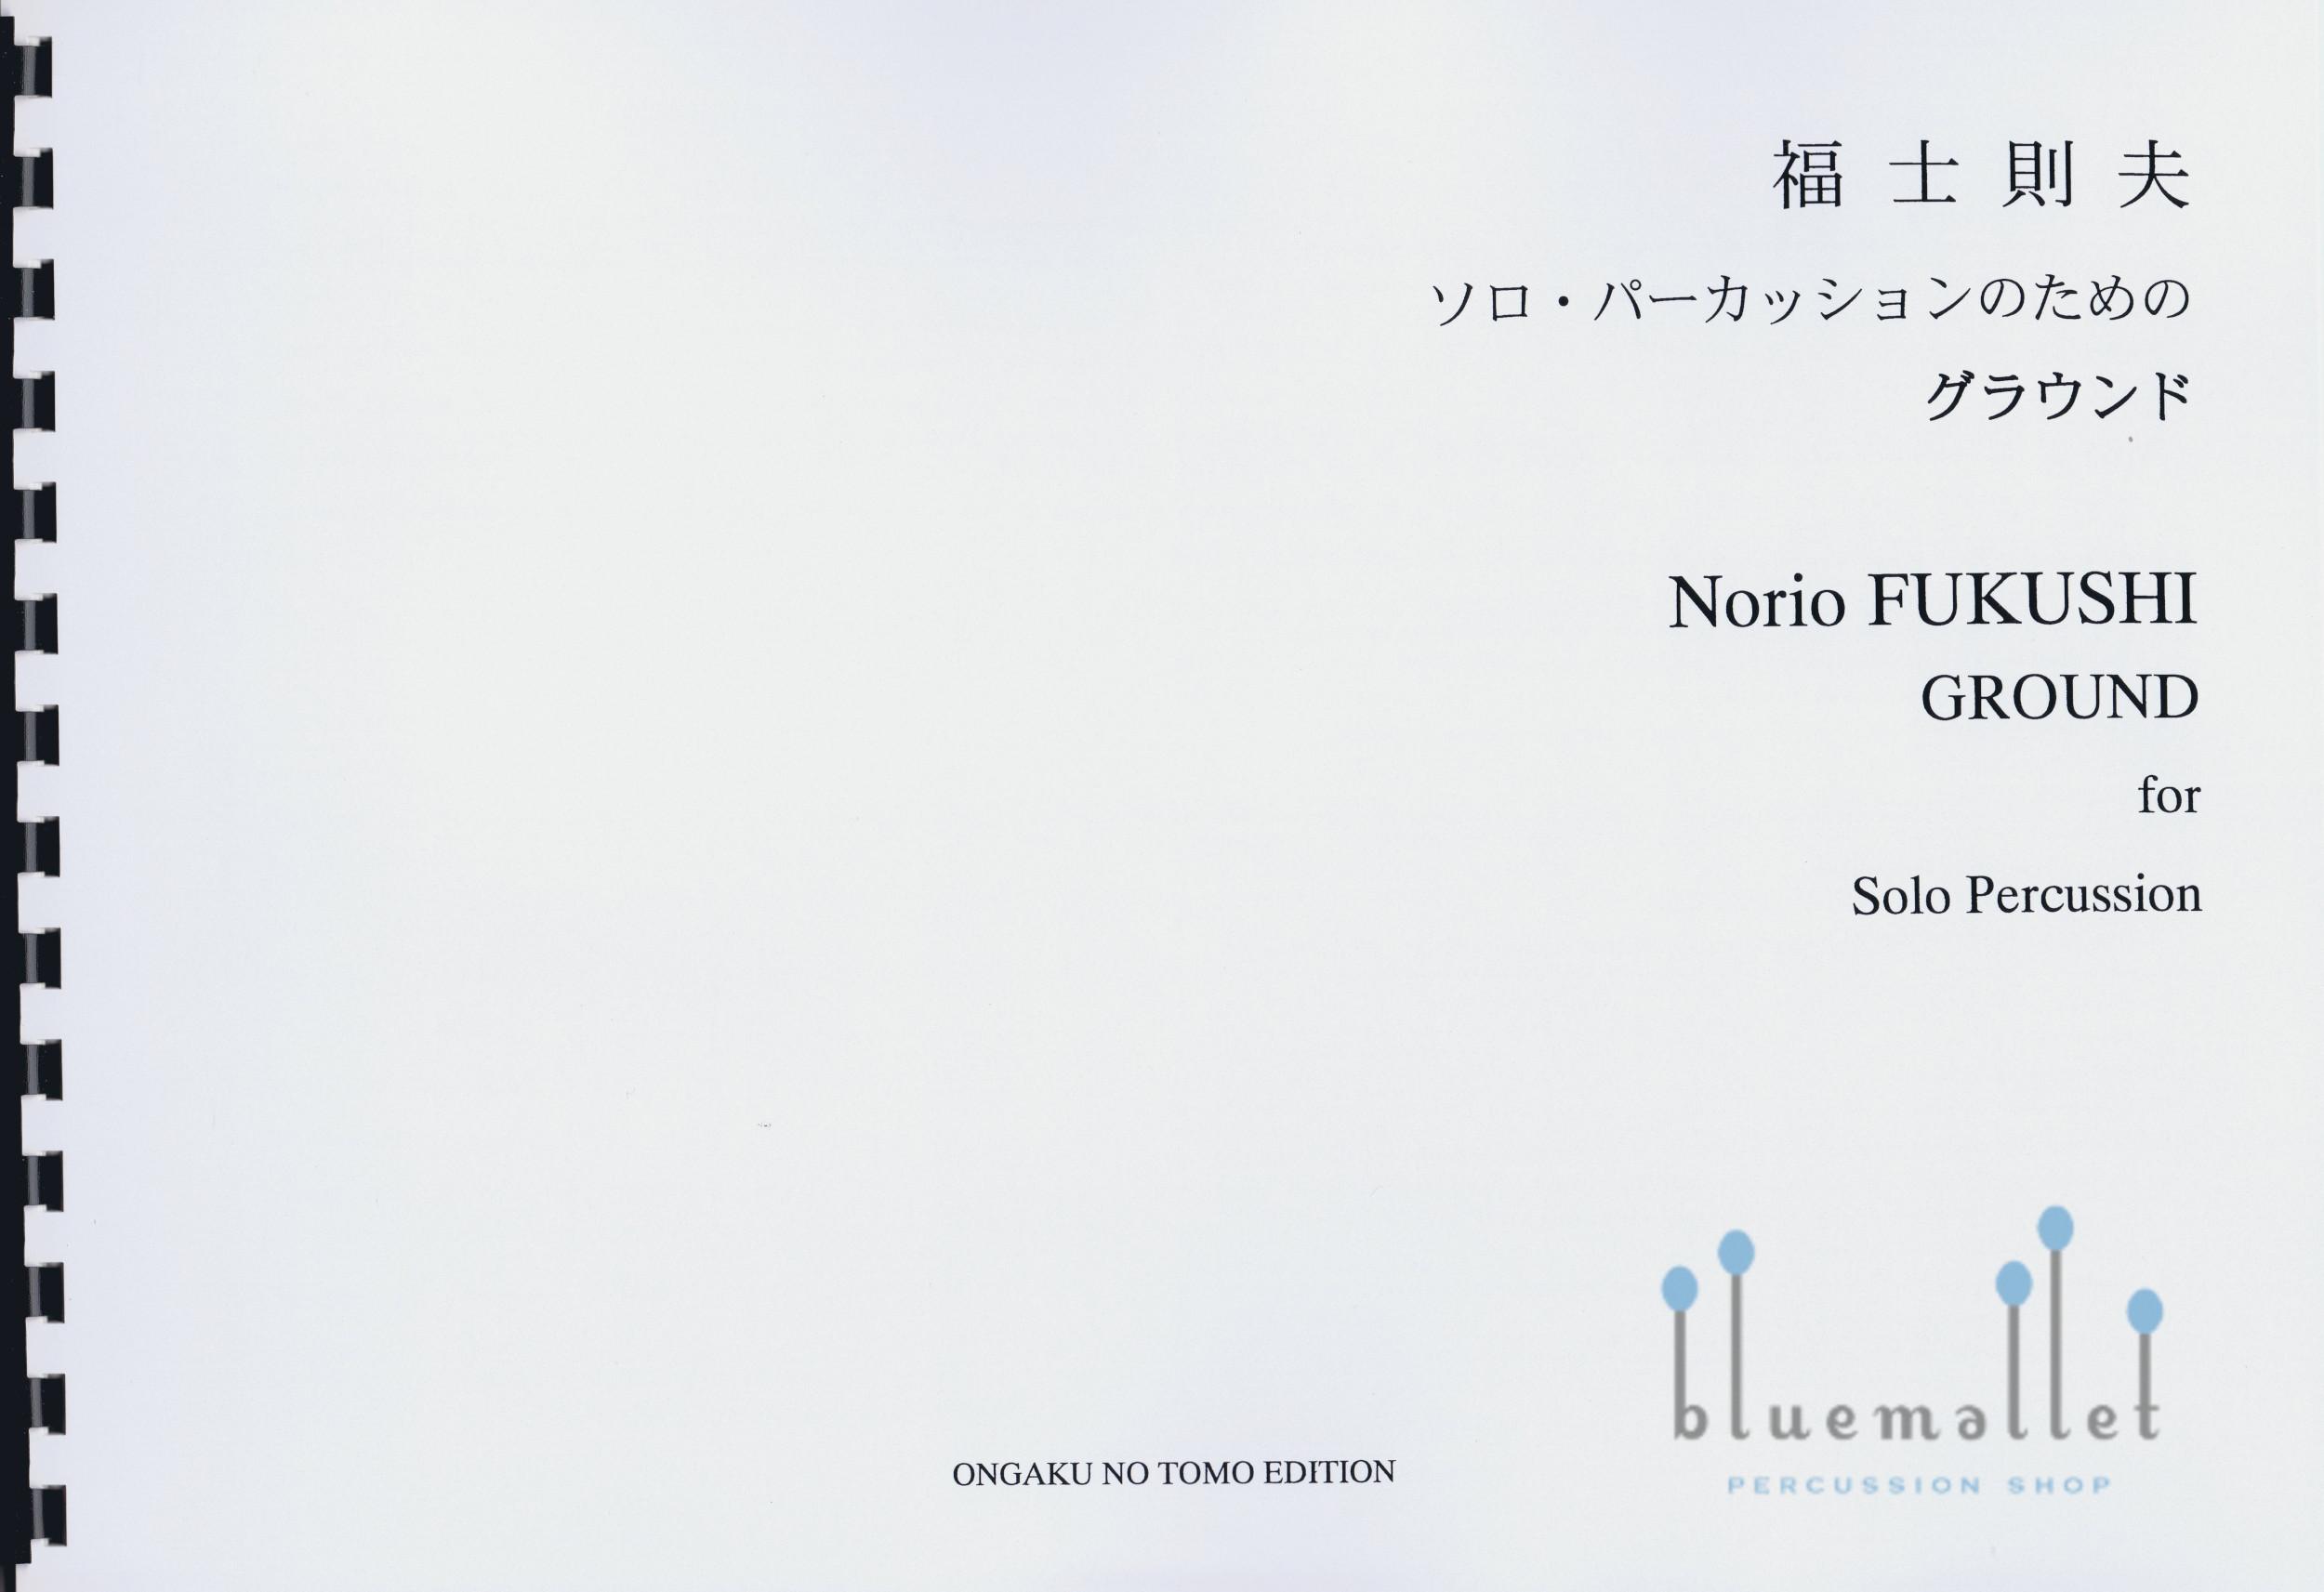 Fukushi , Norio - Ground for Solo Percussion